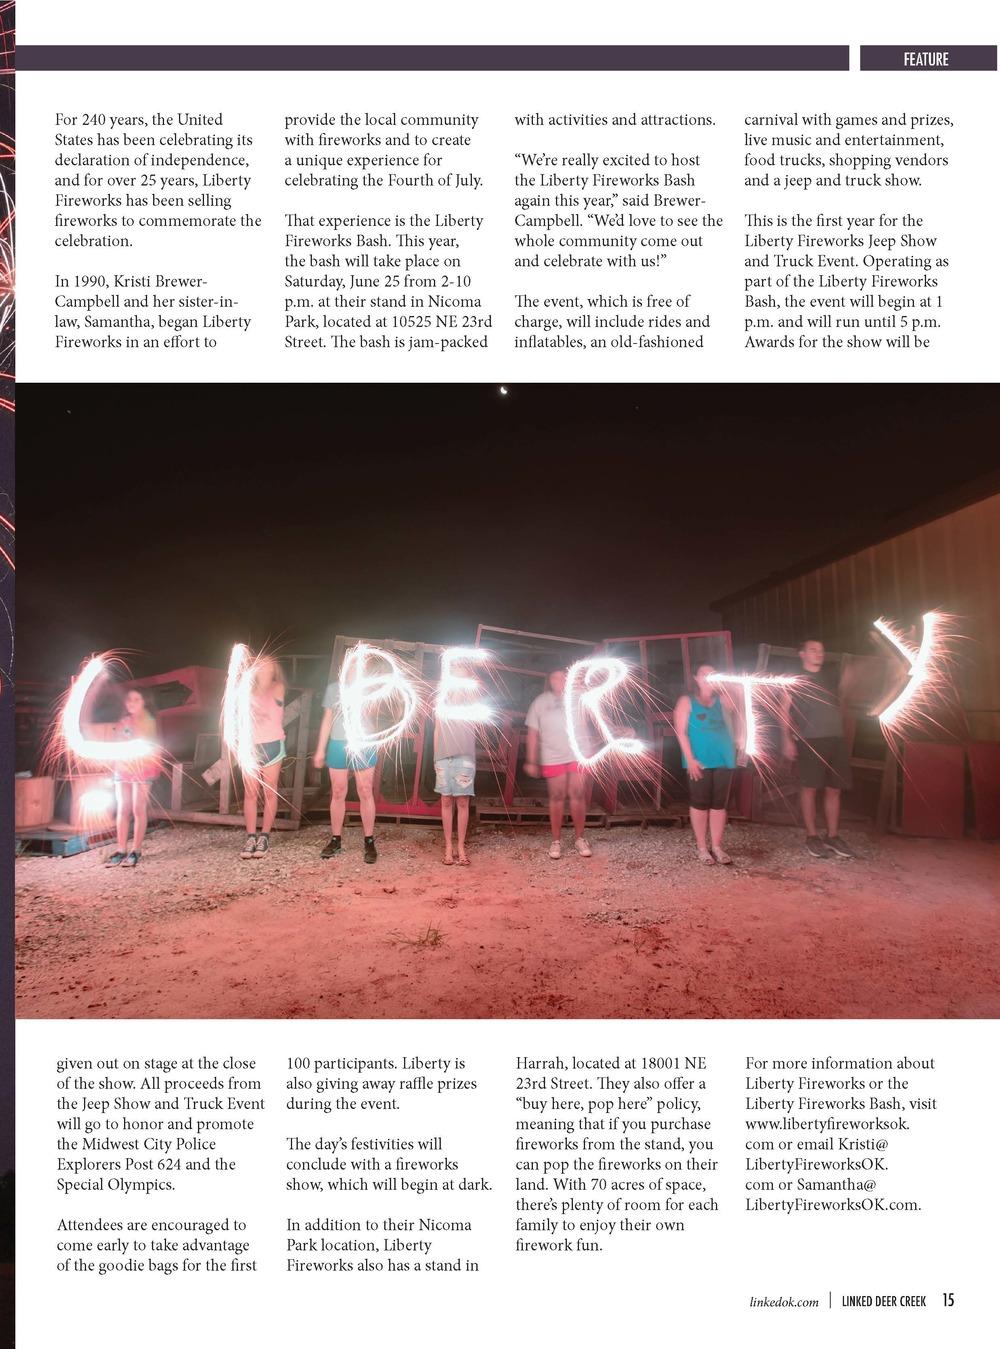 HighFive_DeerCreek_June 2016 REVISED_Page_15.jpg